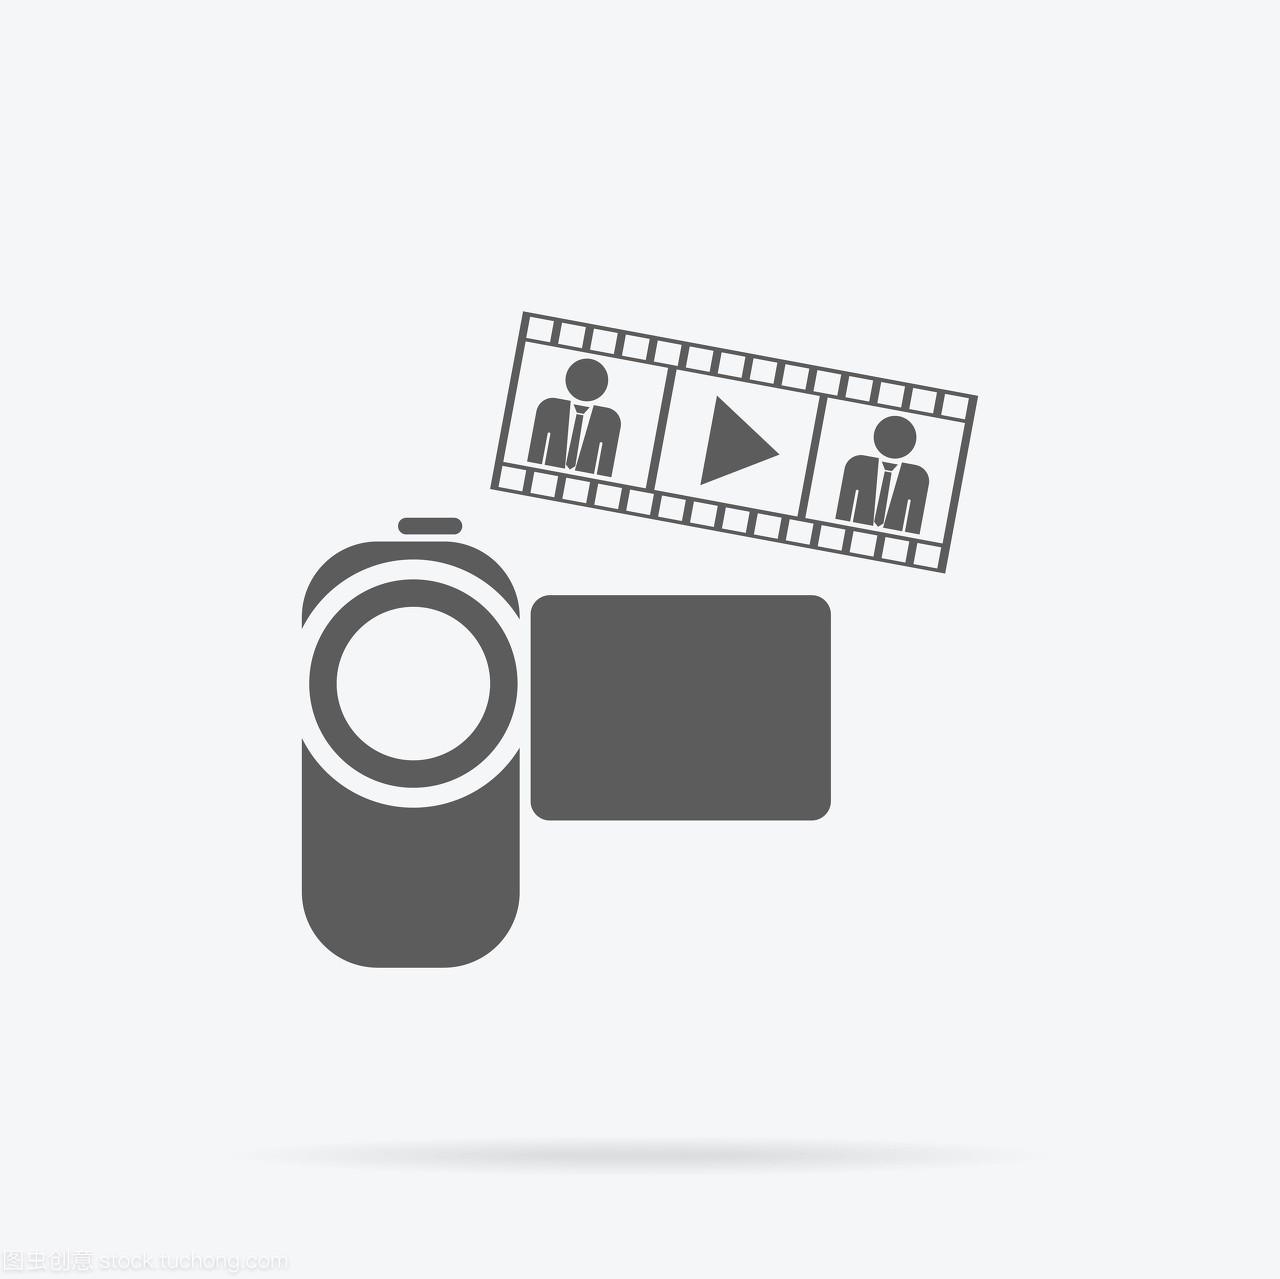 图标活动中班平面设计。摄像机图标,照片或视应用课件下小雨了语言相机图片